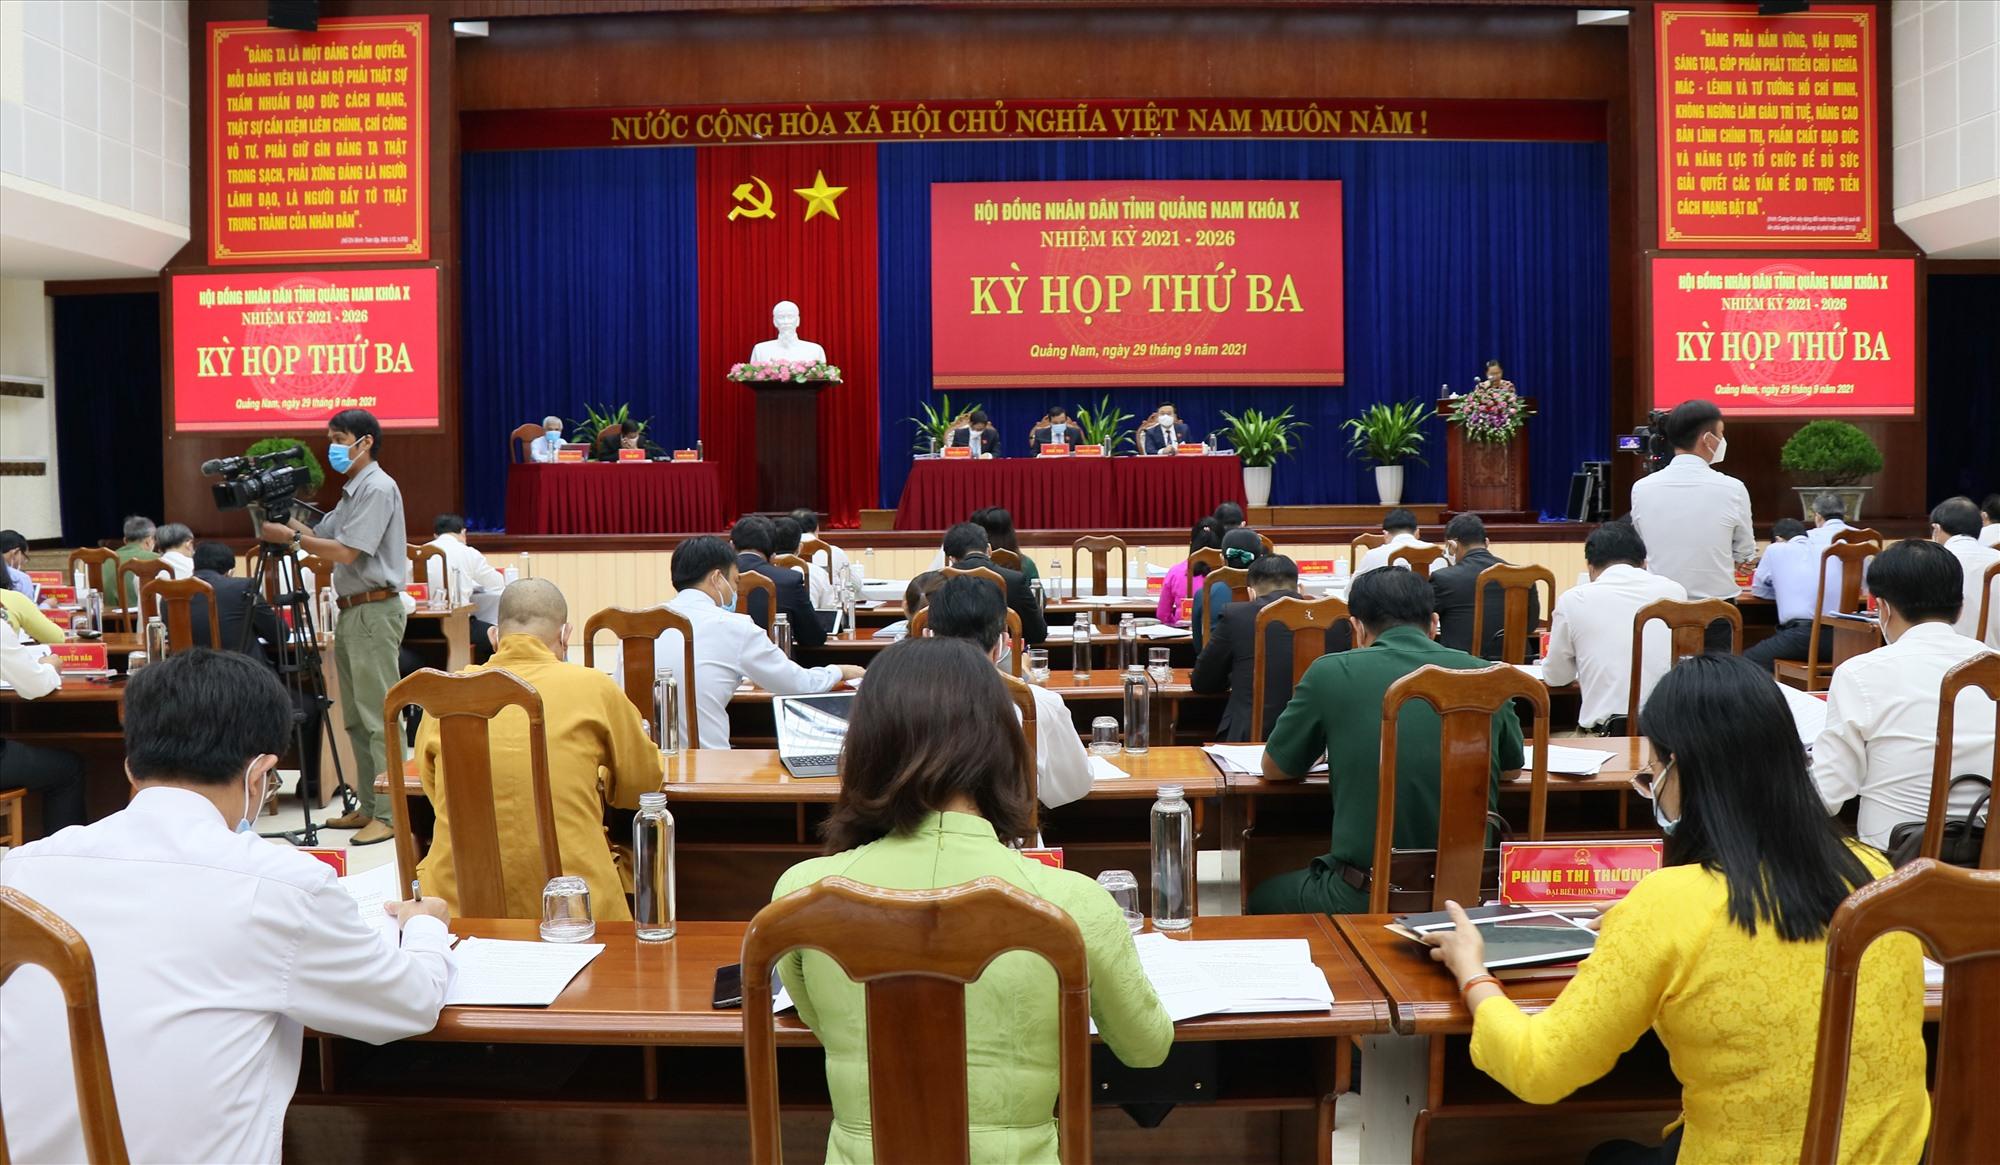 Sáng nay 29.9, đại biểu HĐND tỉnh nghe đại diện UBND tỉnh trình bày các tờ trình, đề án. Ảnh: N.Đ